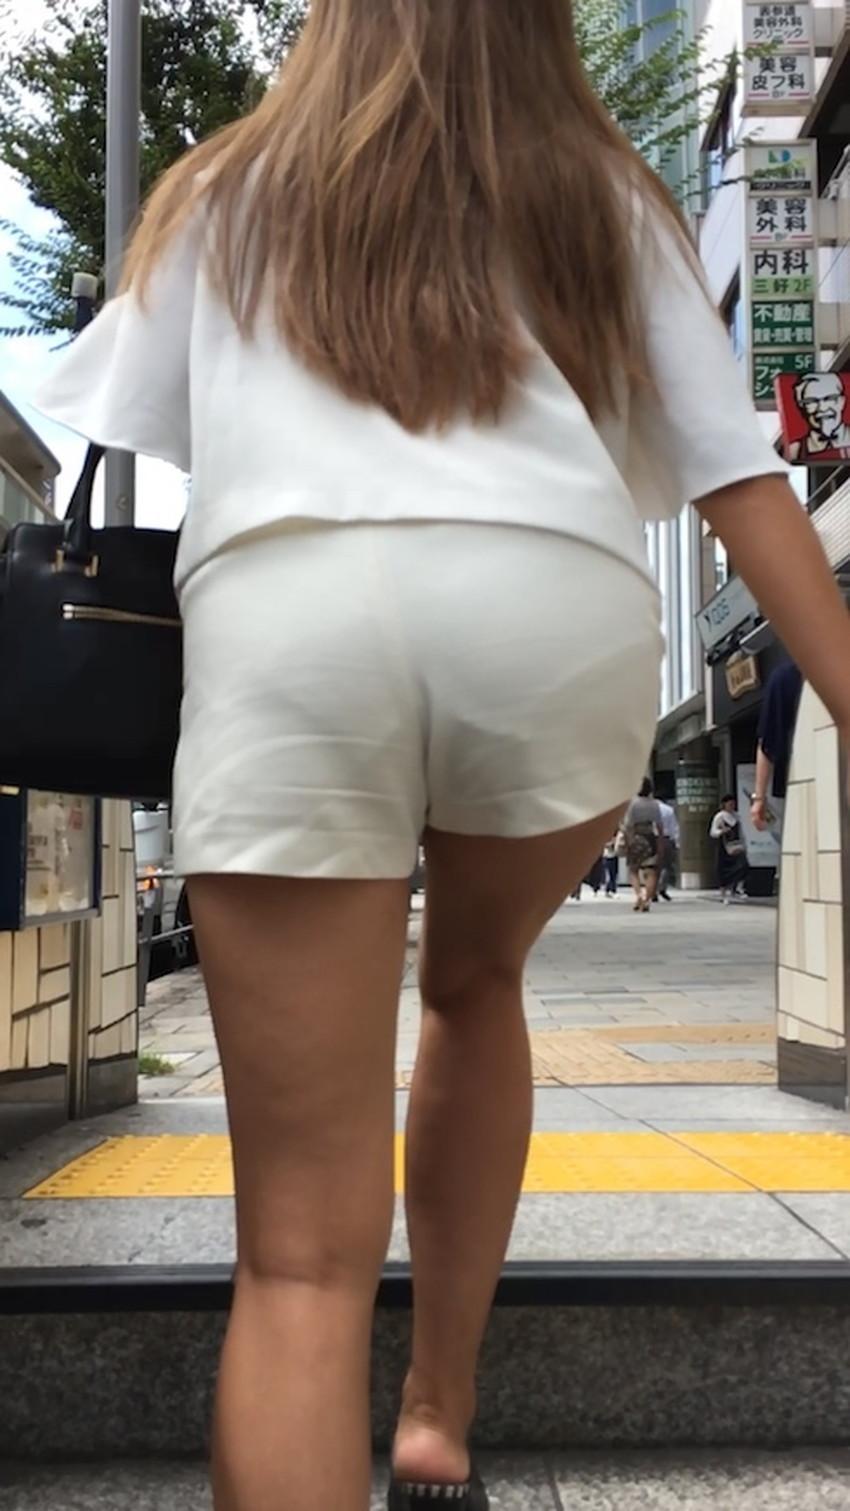 【パン線エロ画像】パンティーライン丸見えのパン線女子は全裸よりもエロいことに気がついていないパン線エロ画像集!ww【80枚】 59